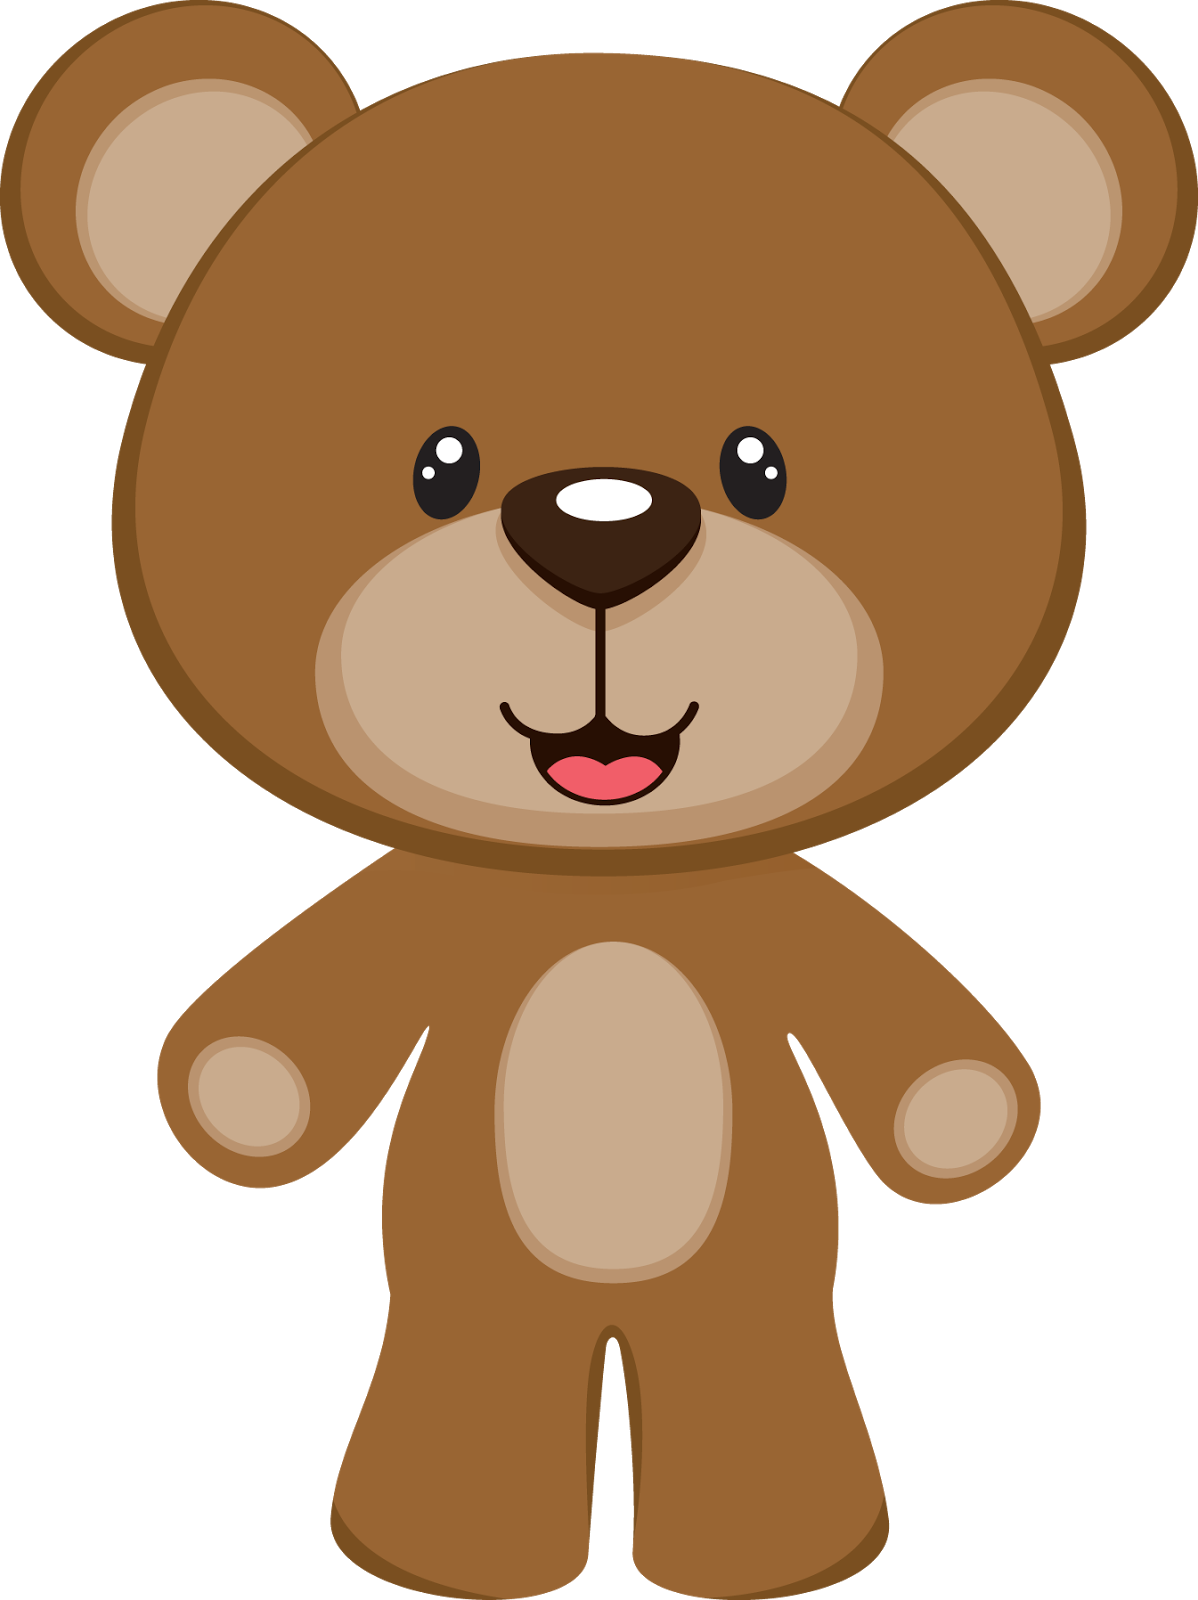 Gafetes de osos buscar. Clipart cake teddy bear